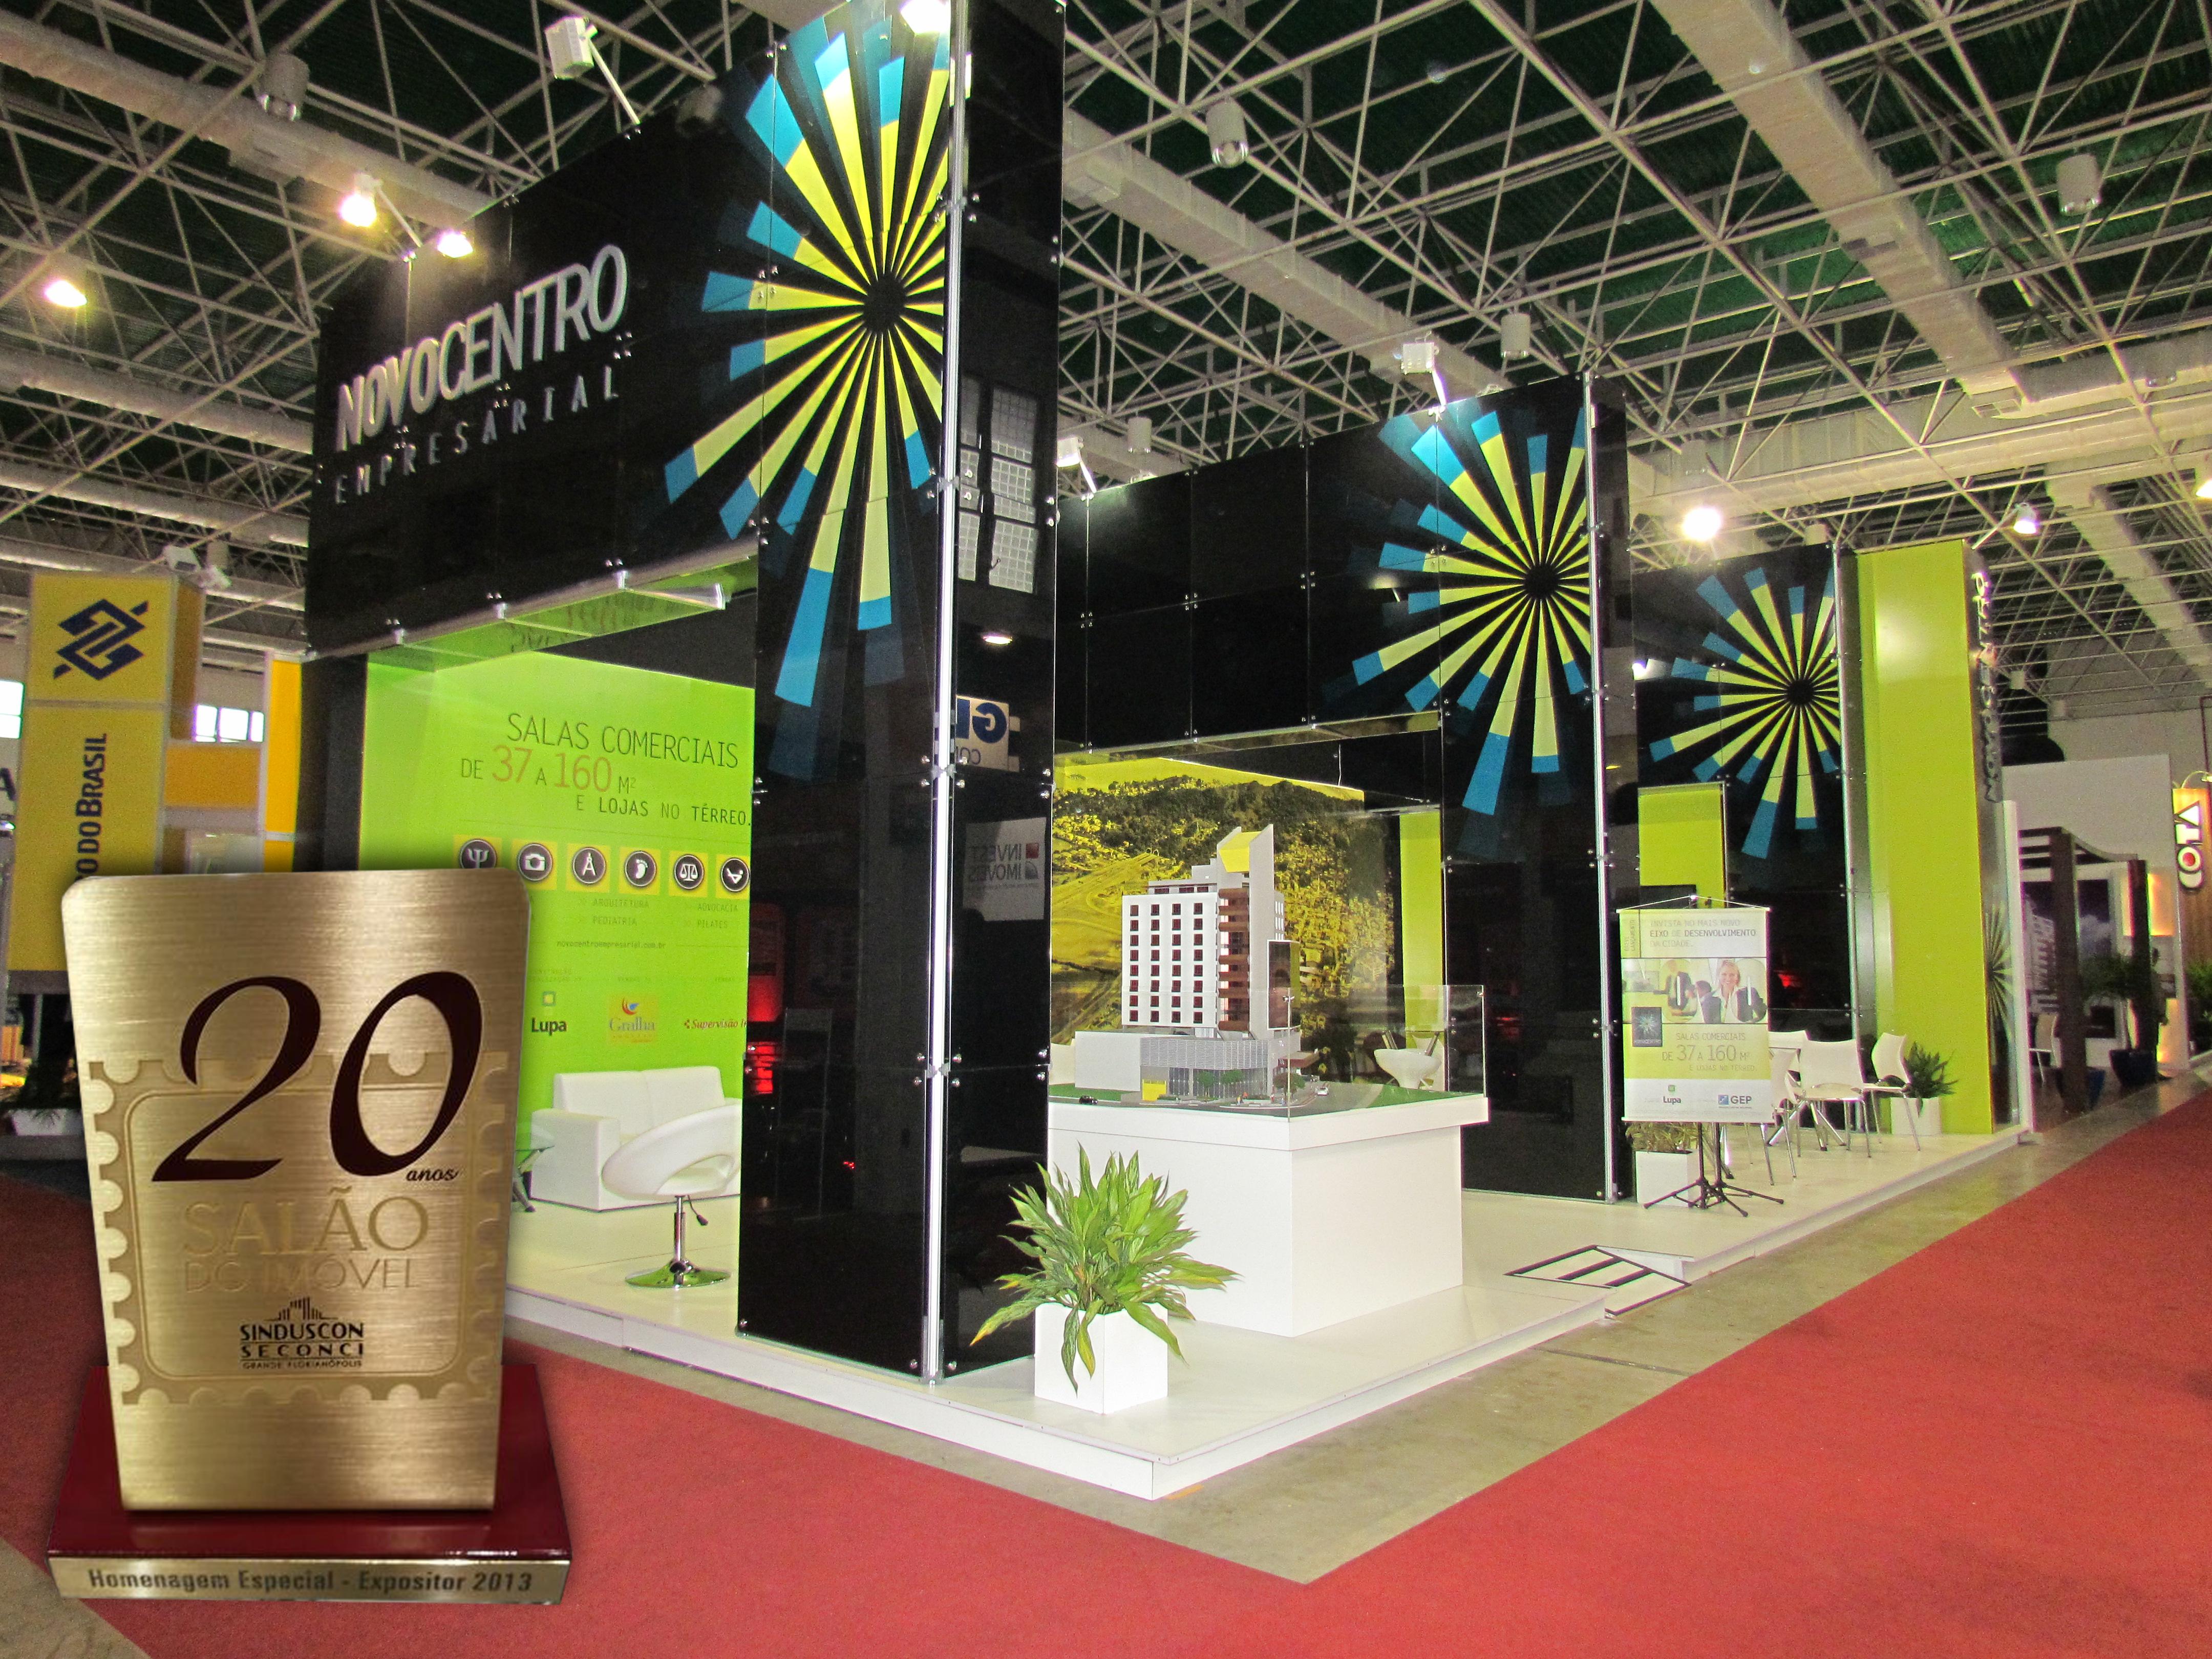 GEP - Novo Centro Empresarial